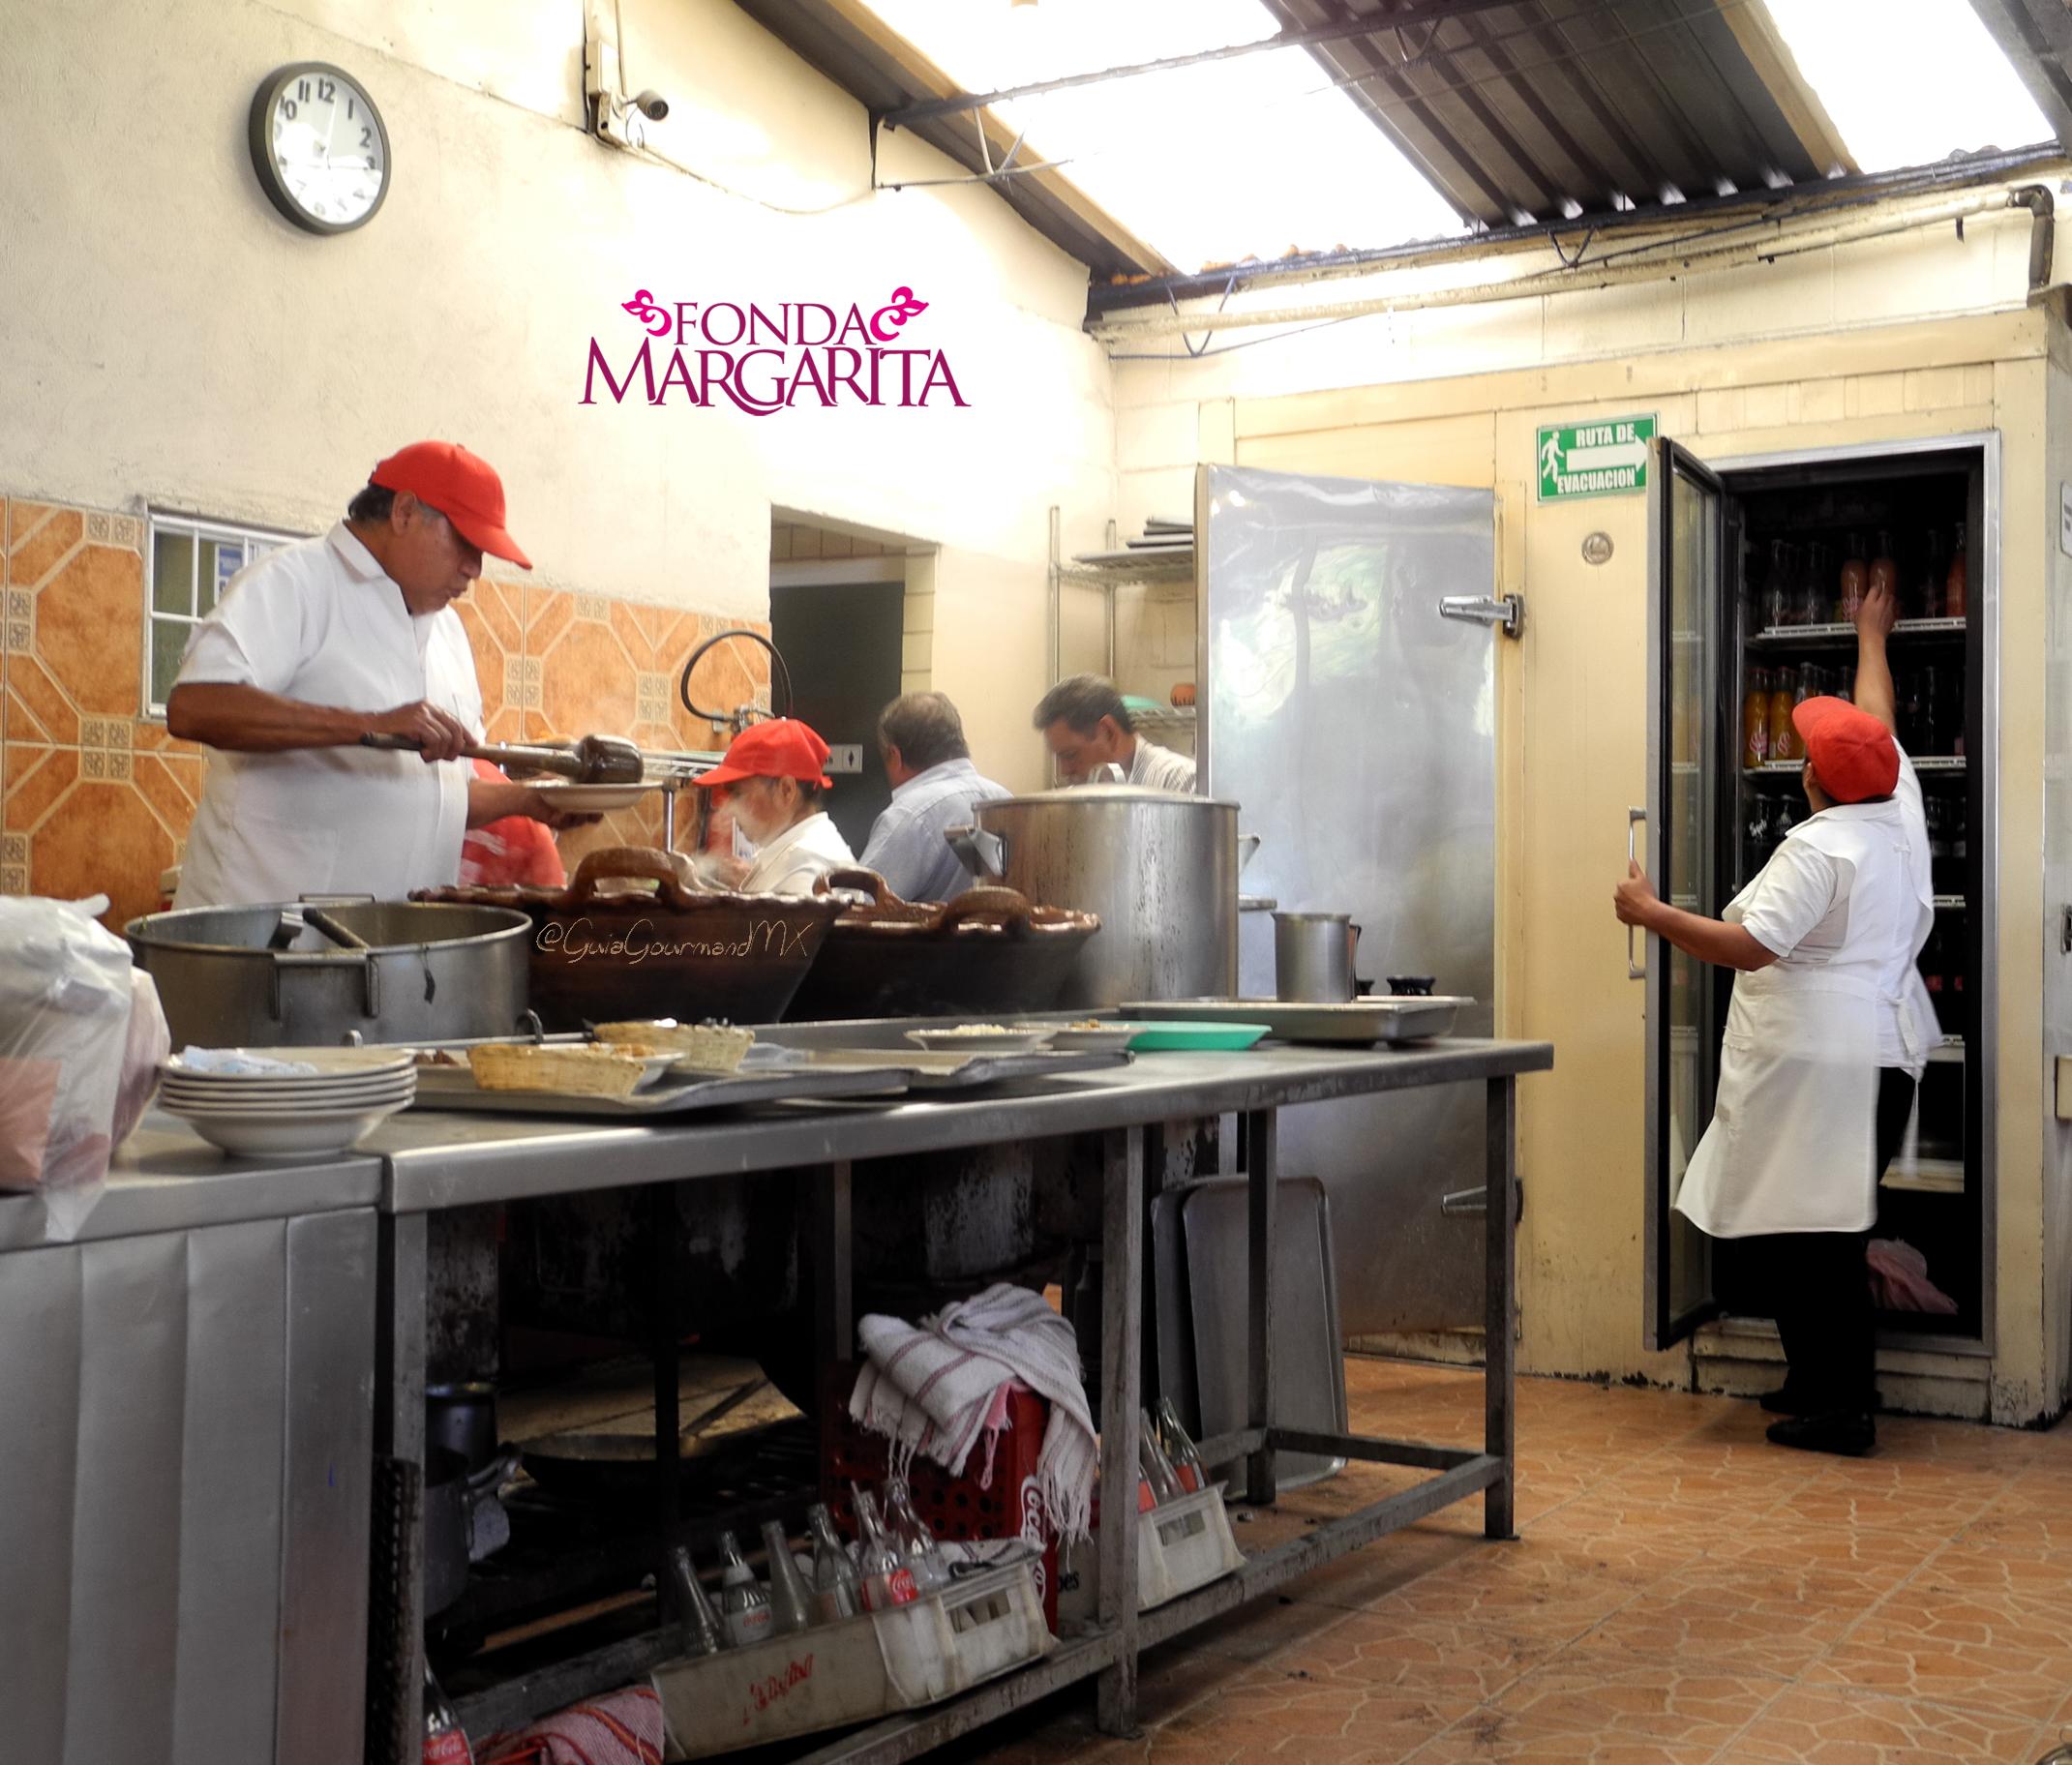 Fonda margarita sabores irresistibles de la cocina for La cocina popular